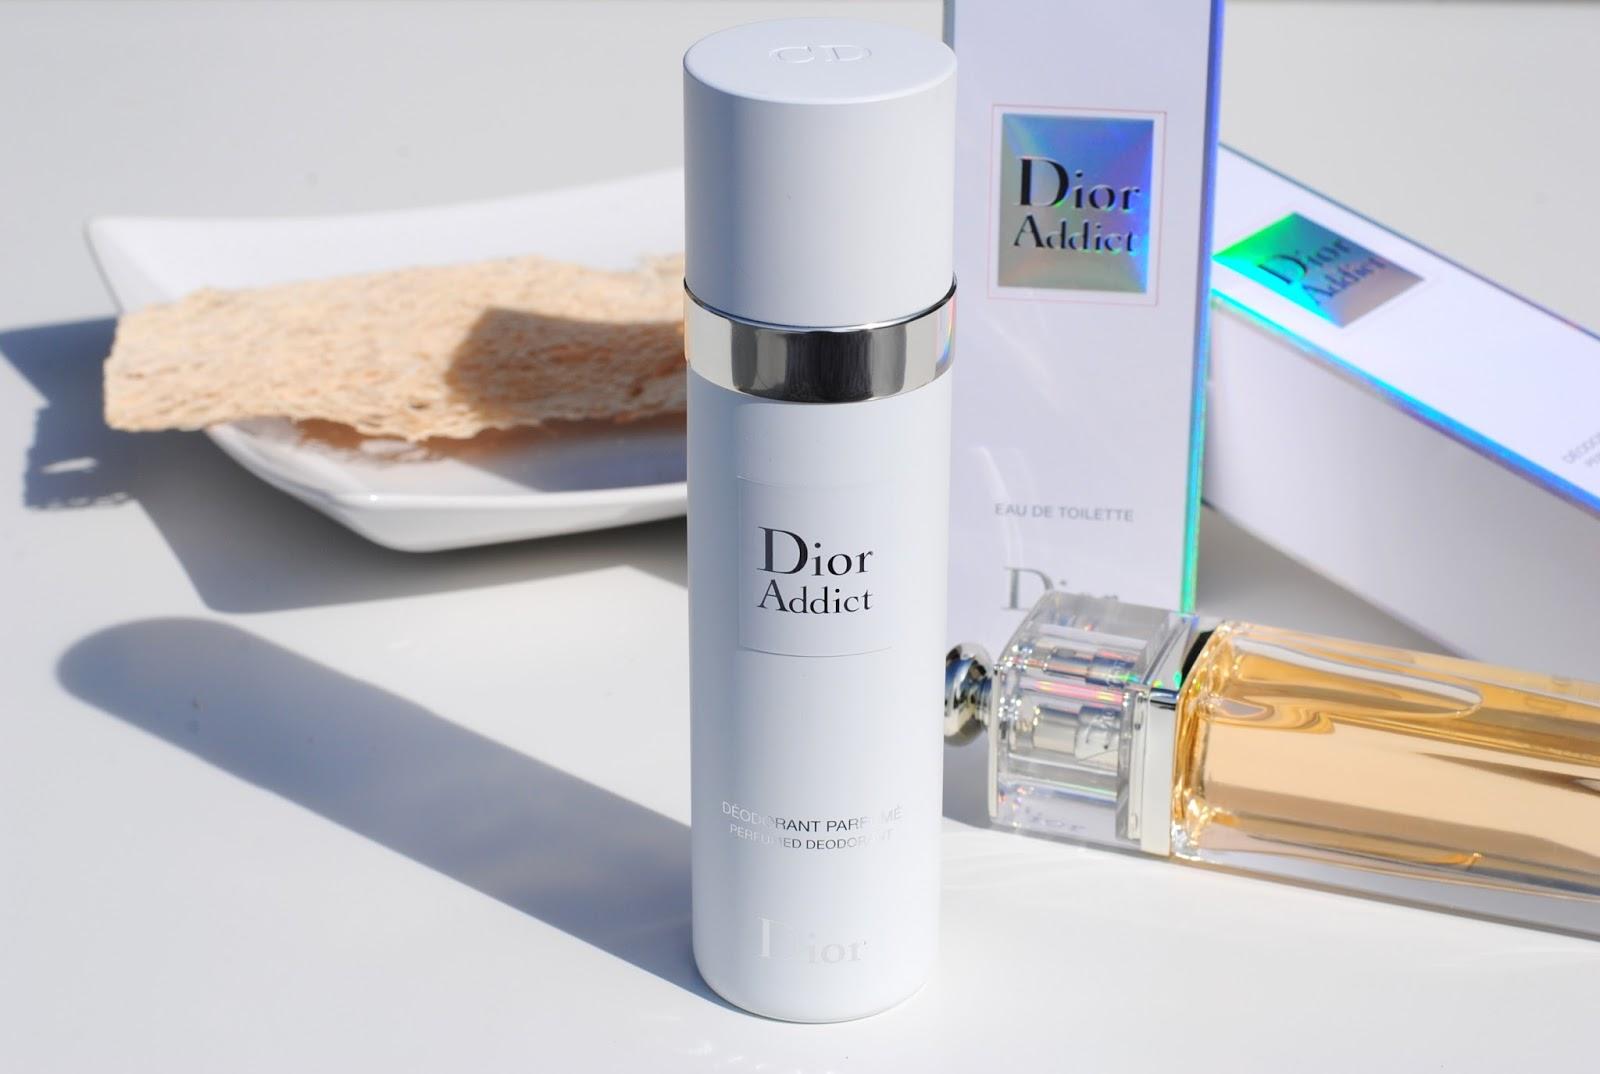 dior addict deodorant